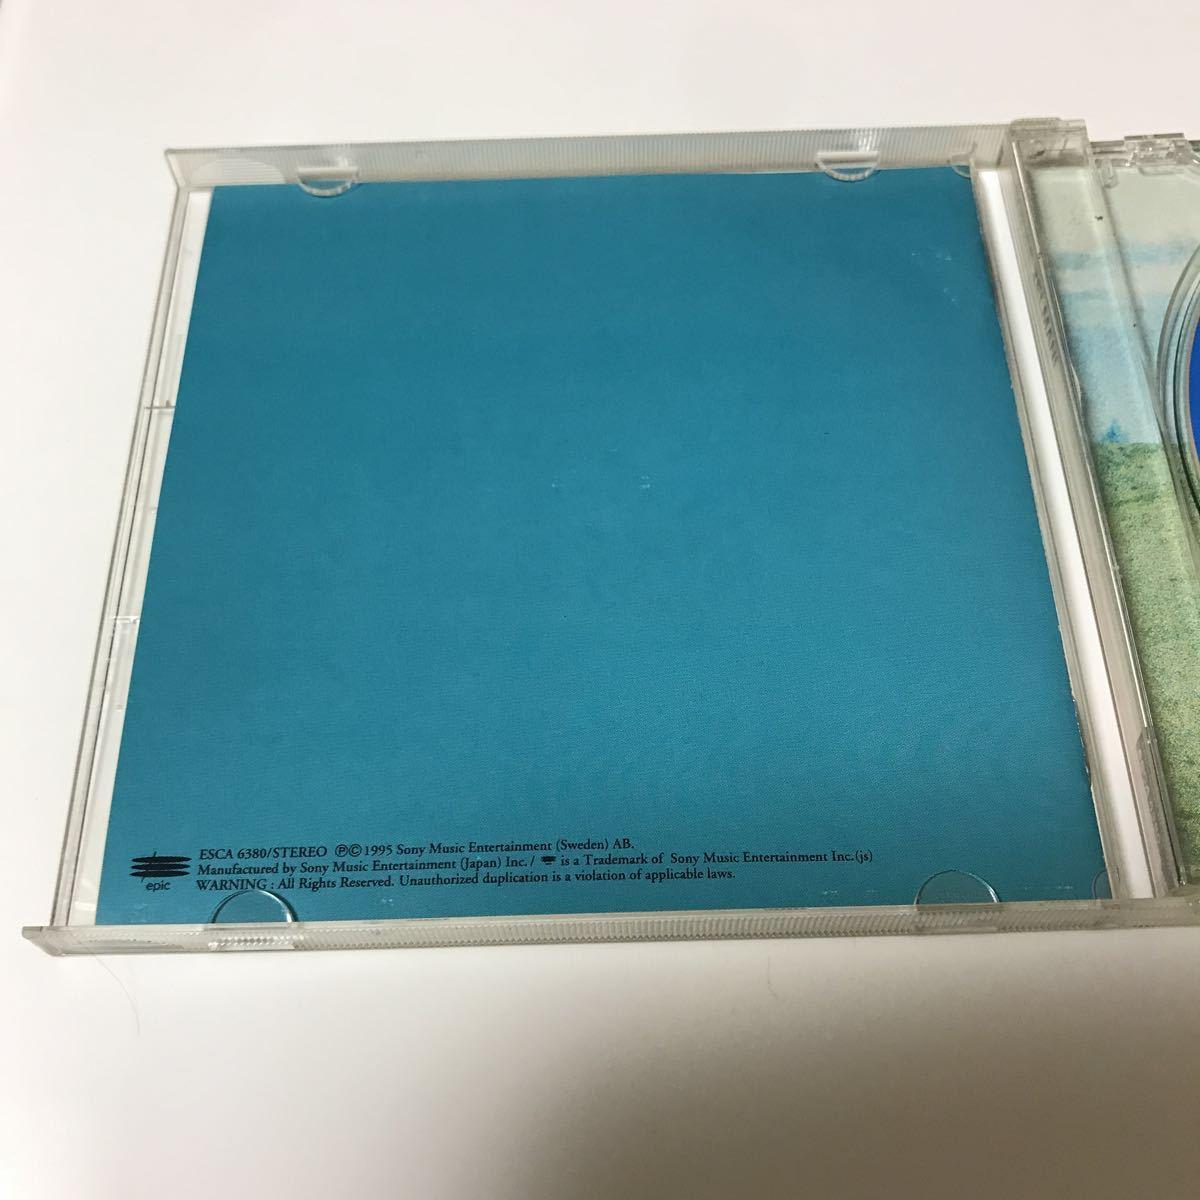 ソフィー・セルマーニ SOPHIE ZELMANI 日本盤全12曲収録 CDアルバム_画像2